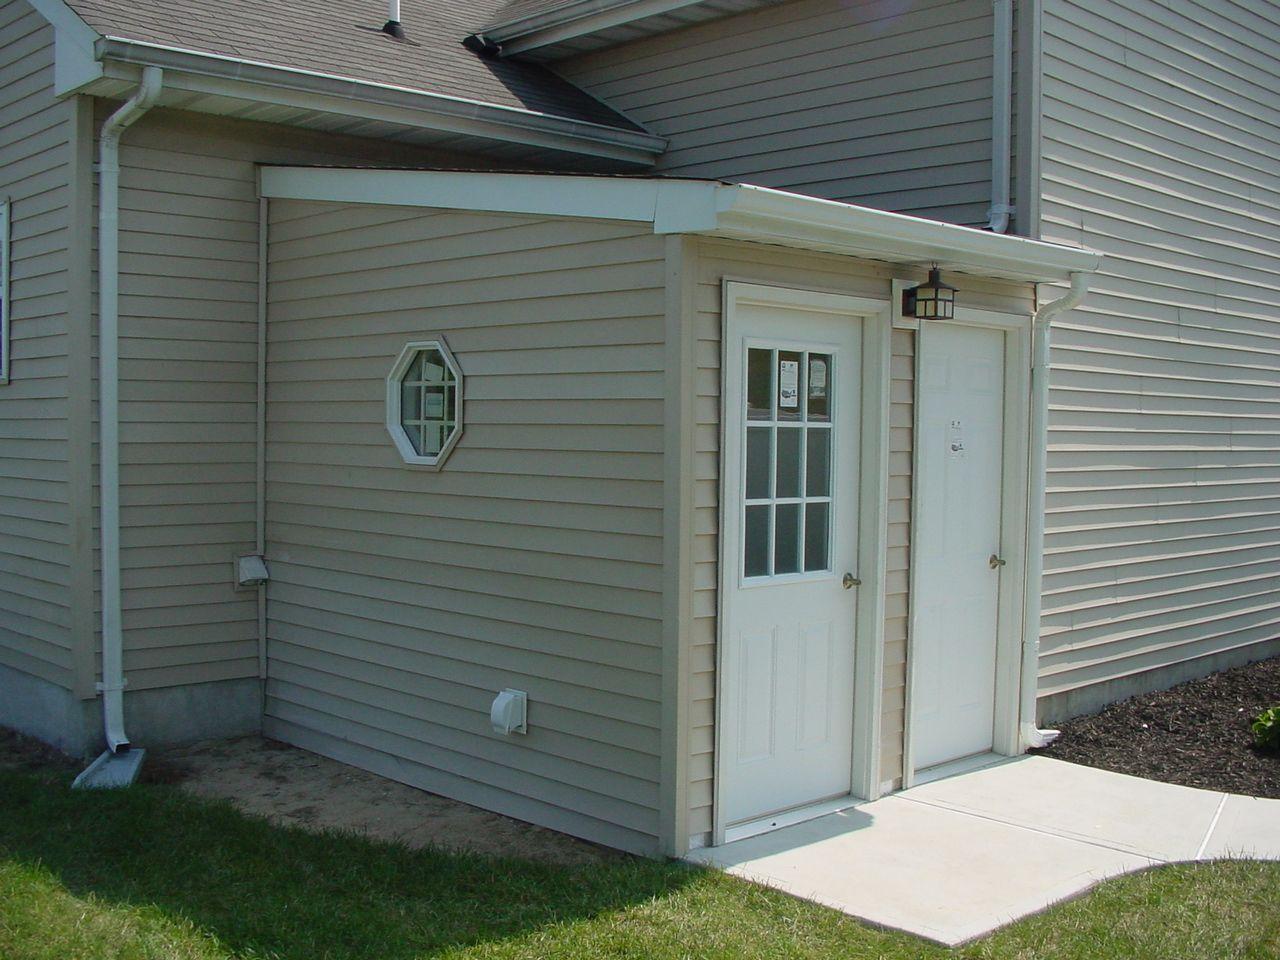 Covered Door instead of bulkhead